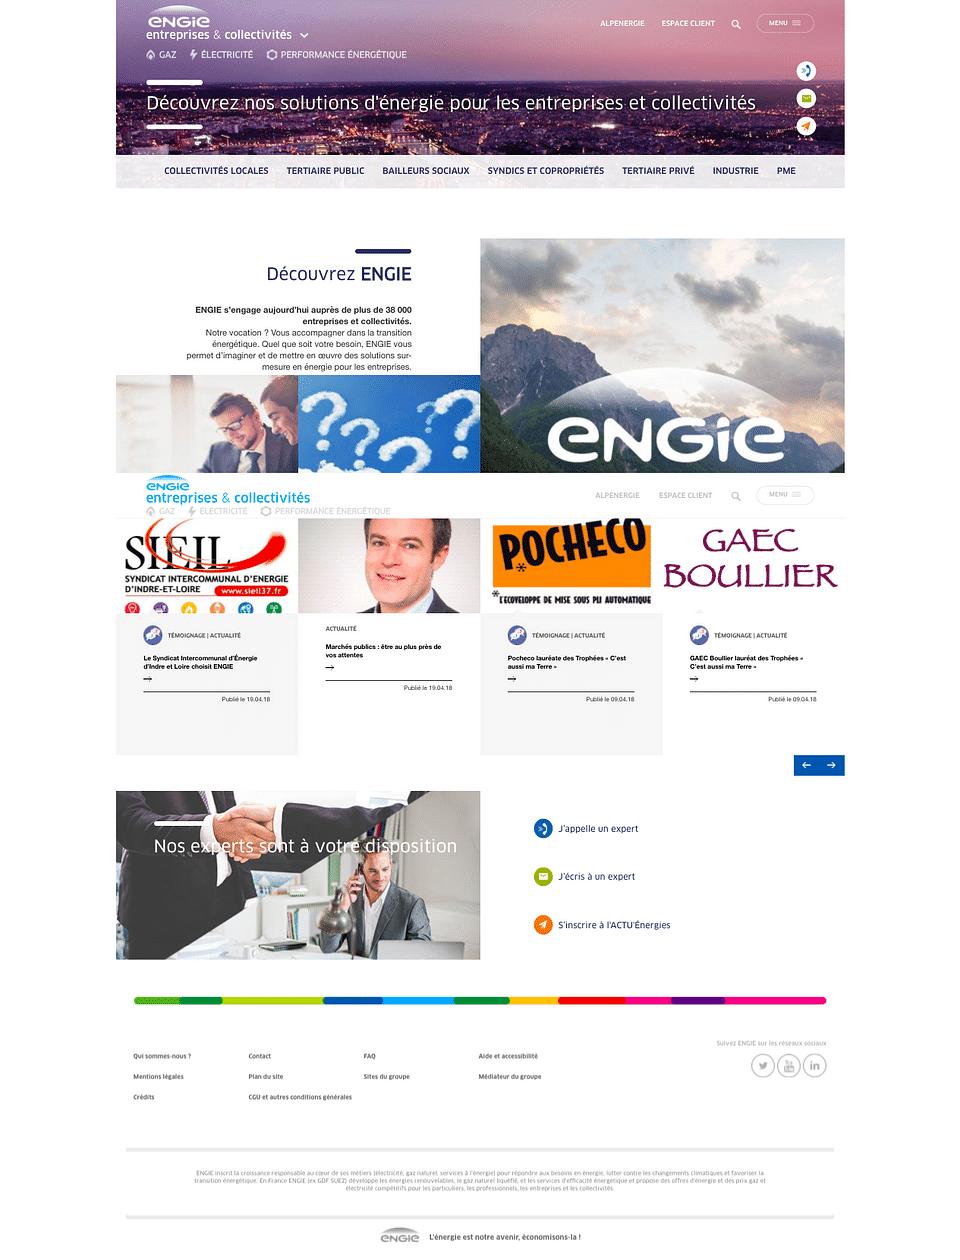 Engie - Conception du site E&C